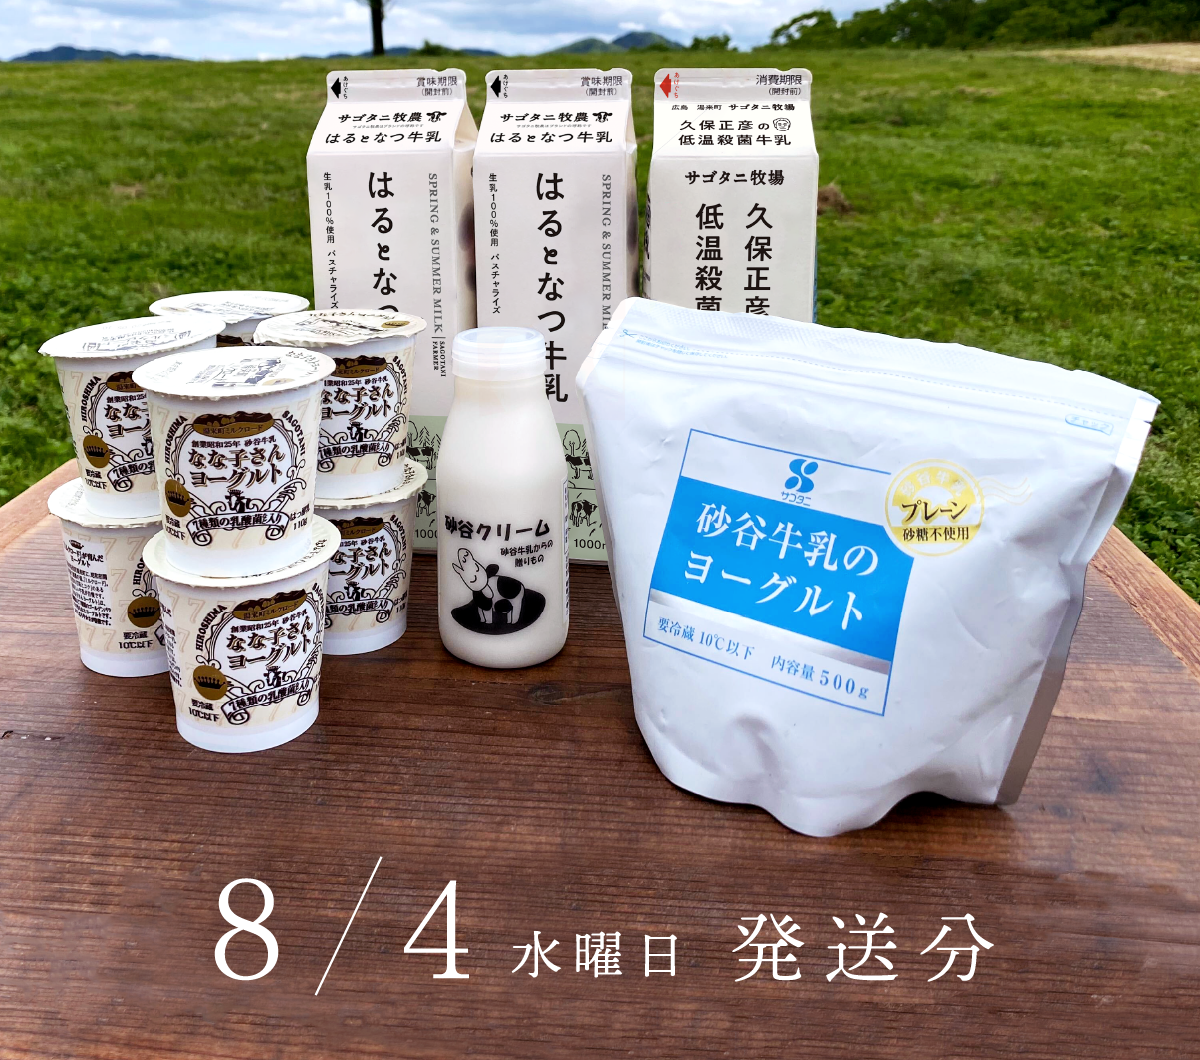 牛乳&ヨーグルトセット 8月4日(水)発送分